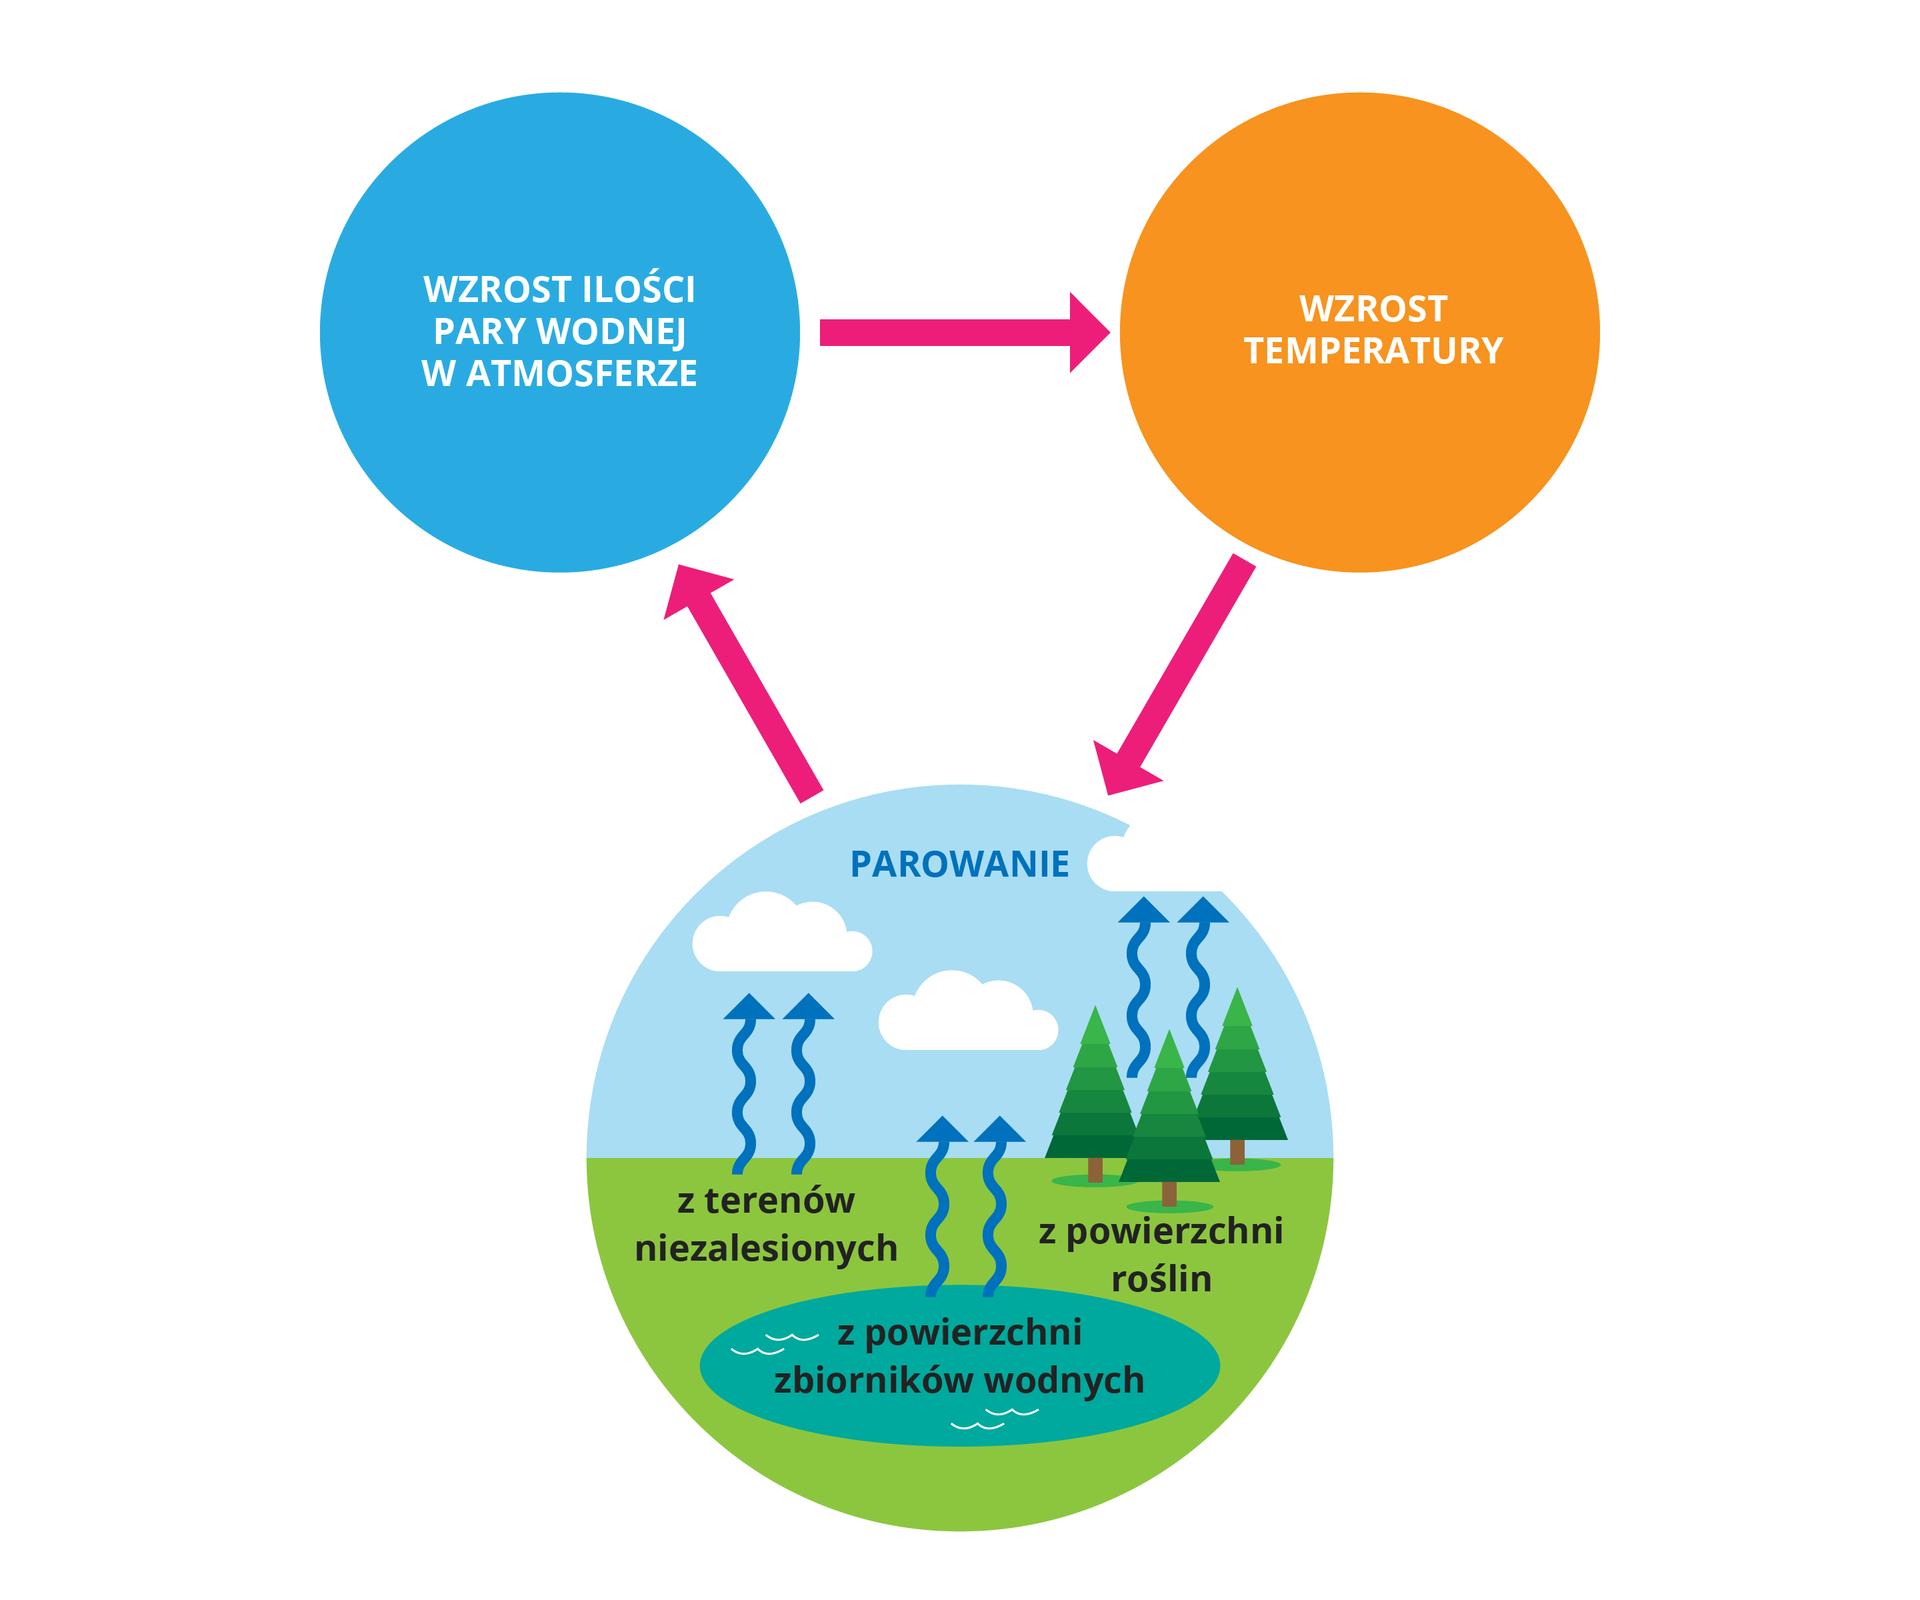 """Ilustracja przedstawia schemat wpostaci trzech kół. Niebieskie oznacza wzrost ilości pary wodnej watmosferze. Strzałka wskazuje skutek: wpomarańczowym kole napis """"wzrost temperatury"""". Strzałka prowadzi do koła udołu, wktórym zielona połowa przedstawia ziemię, aniebieska atmosferę. Temperatura powoduje parowanie zpowierzchni roślin, ze zbiorników wodnych izterenów niezalesionych. Unosząca się para tworzy chmury. Strzałka wskazuje na skutek: wzrost ilości pary wodnej watmosferze icykl się zamyka."""